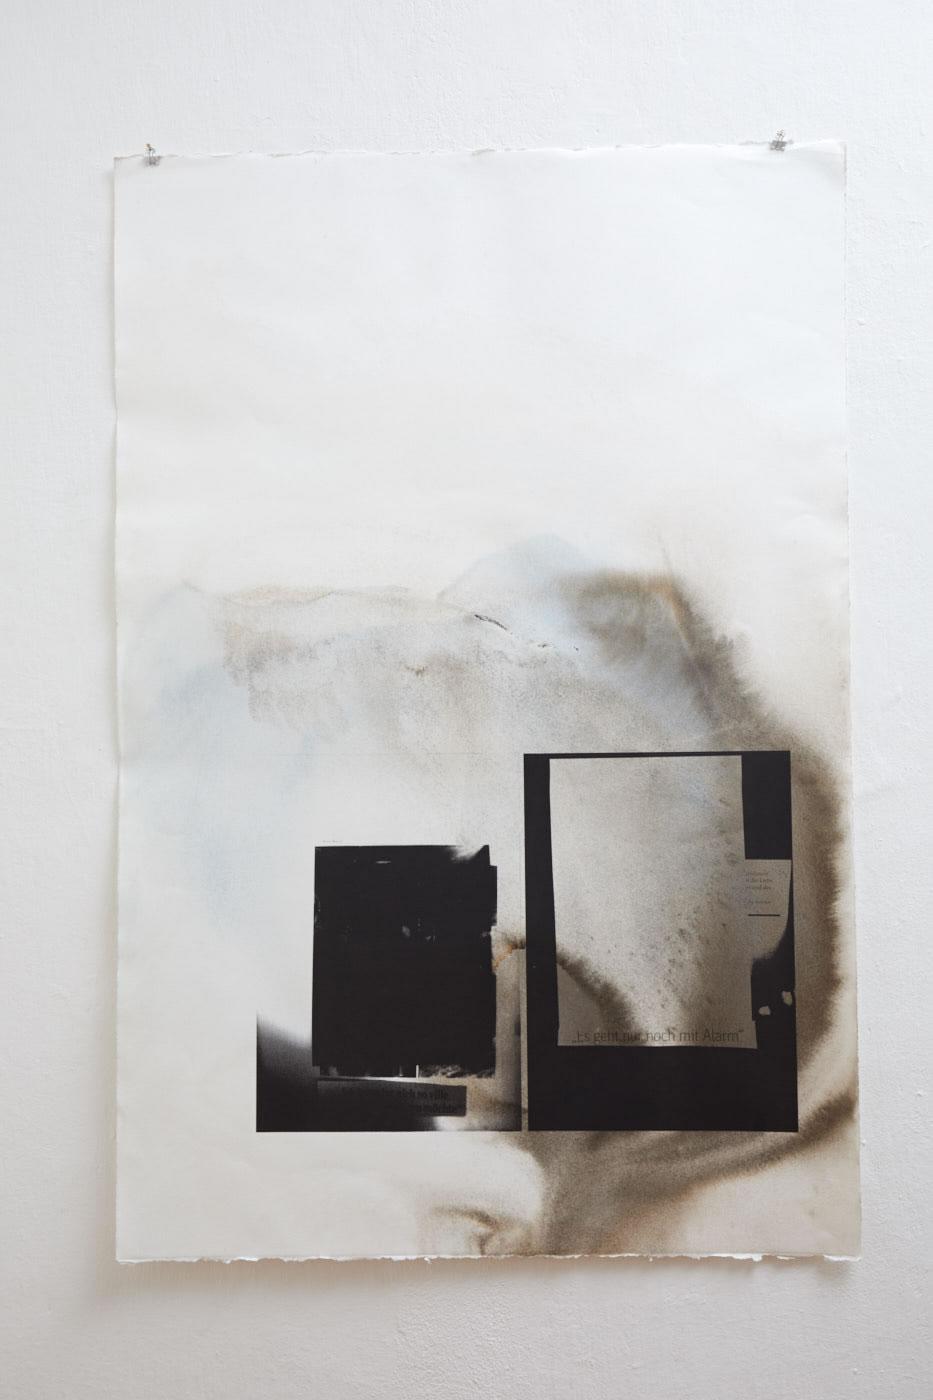 Veronika Dirnhofer | Es geht nur noch mit Alarm | 2016 | Tusche und Siebdruck auf Papier | 120 x 80 cm | Galerie3 | Foto Johannes Puch